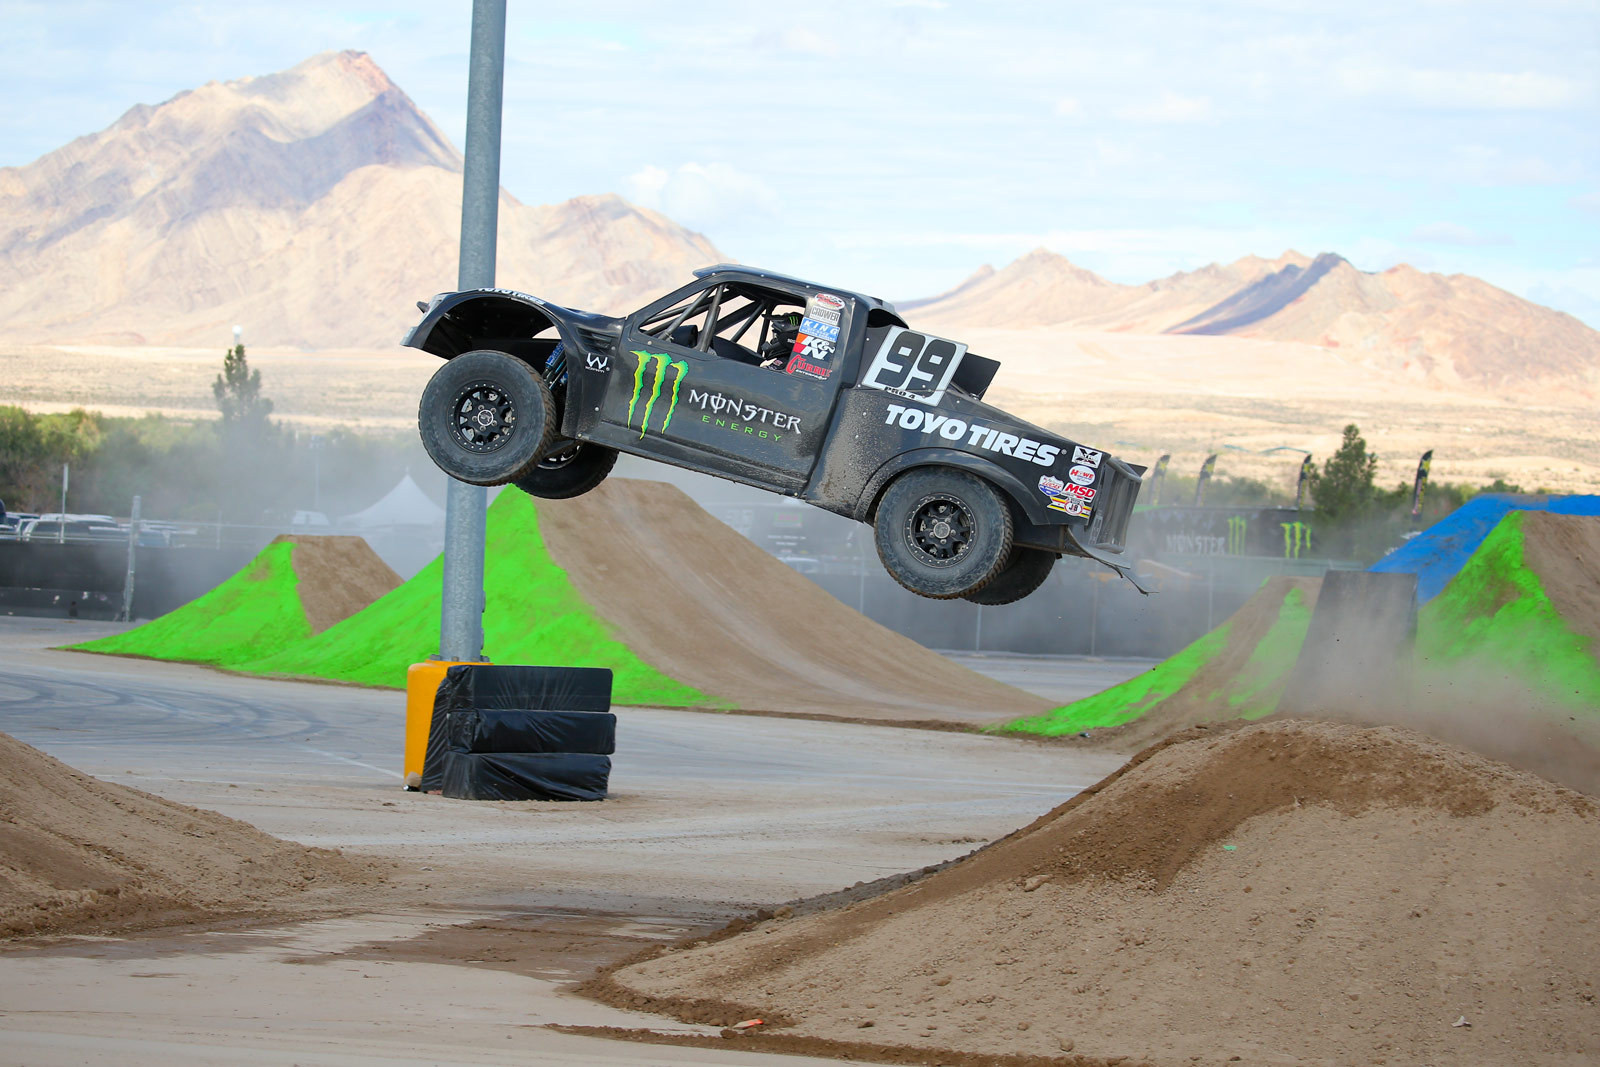 Kyle Leduc - Vital MX Pit Bits: Monster Energy Cup - Motocross Pictures - Vital MX